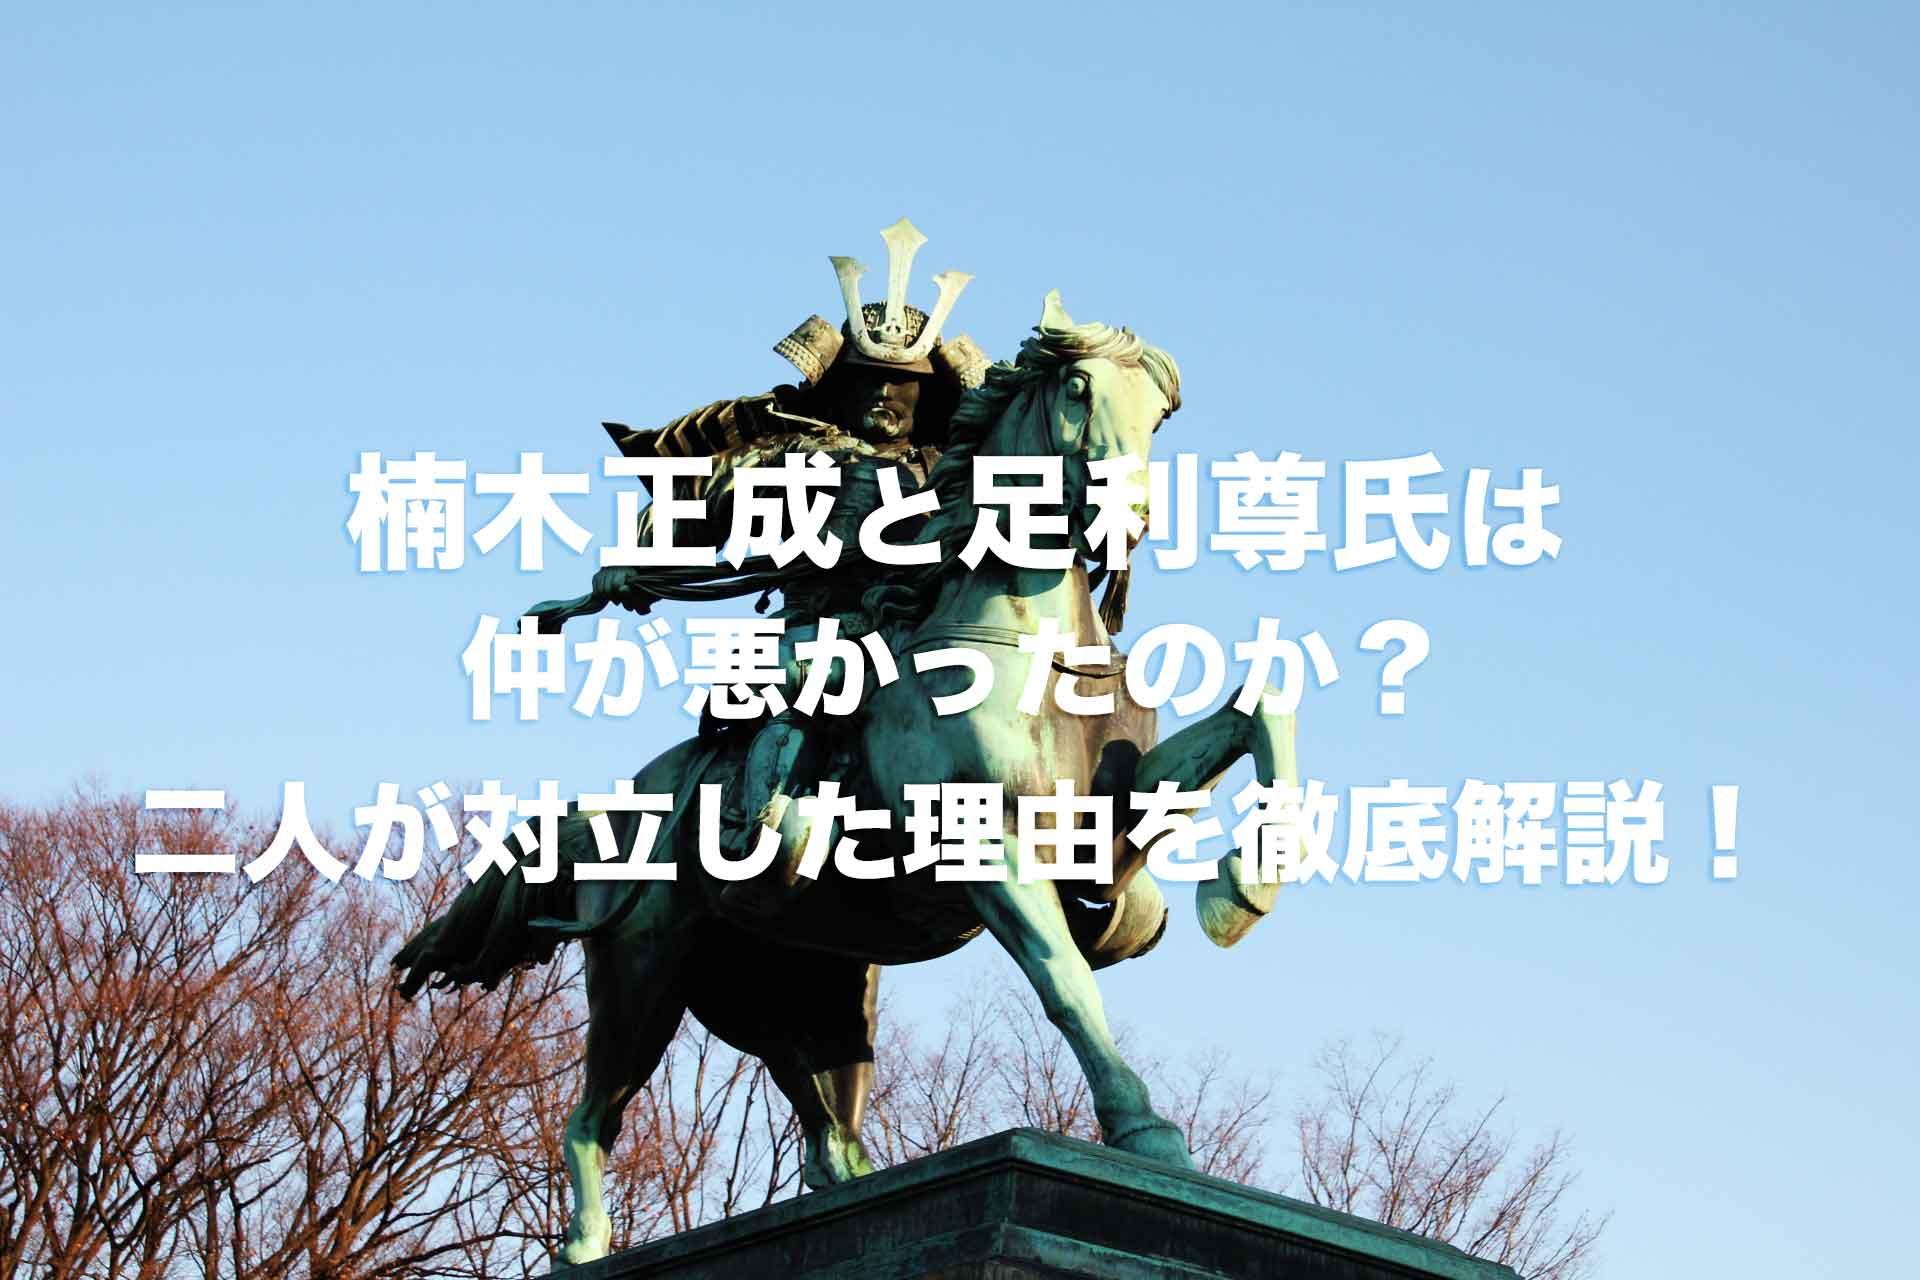 楠木正成と足利尊氏は仲が悪かった?二人はなぜ対立することになったのか?